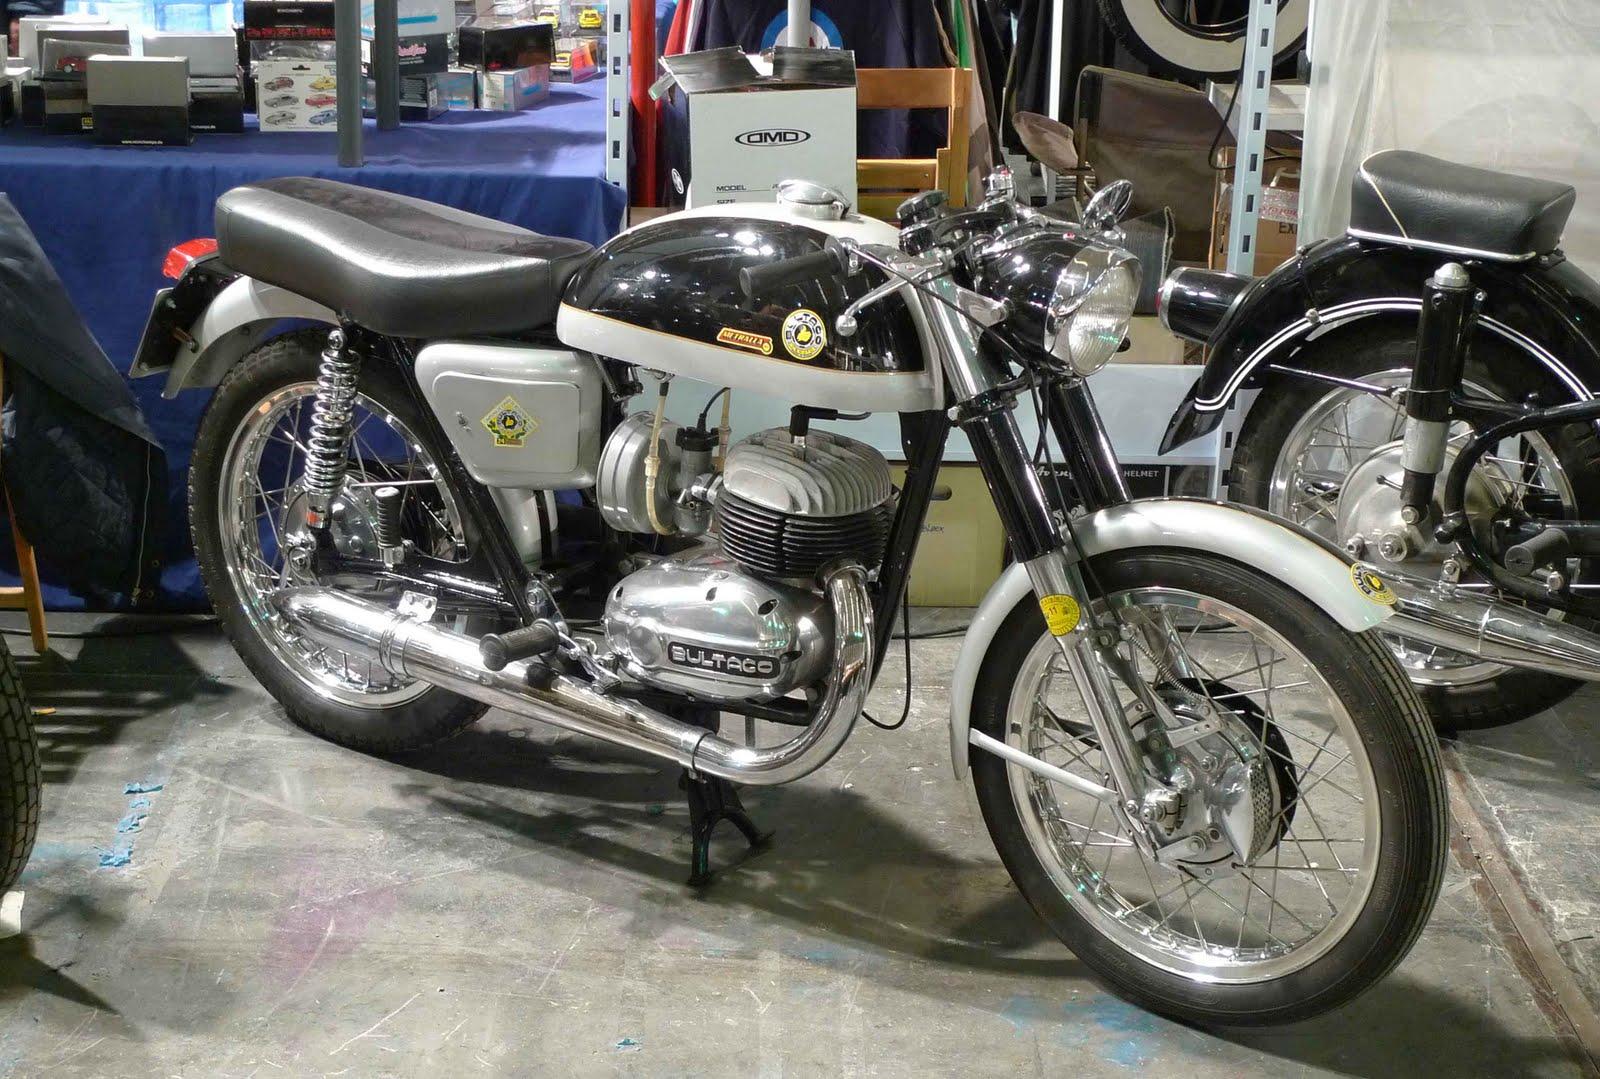 La Bultaco MK2 era la moto de carreras que se podía usar en la calle y la más rápida del mundo en su cilindrada.